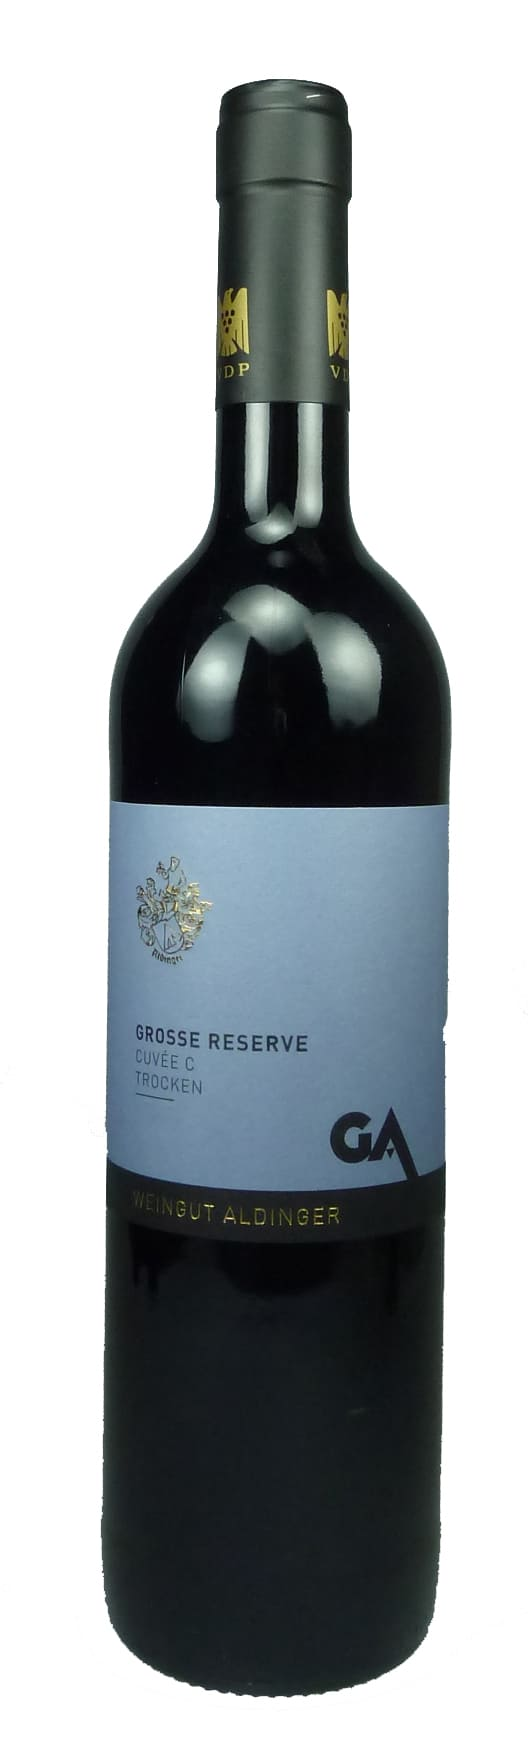 Cabernet Sauvignon Reserve Qualitätswein trocken 2017